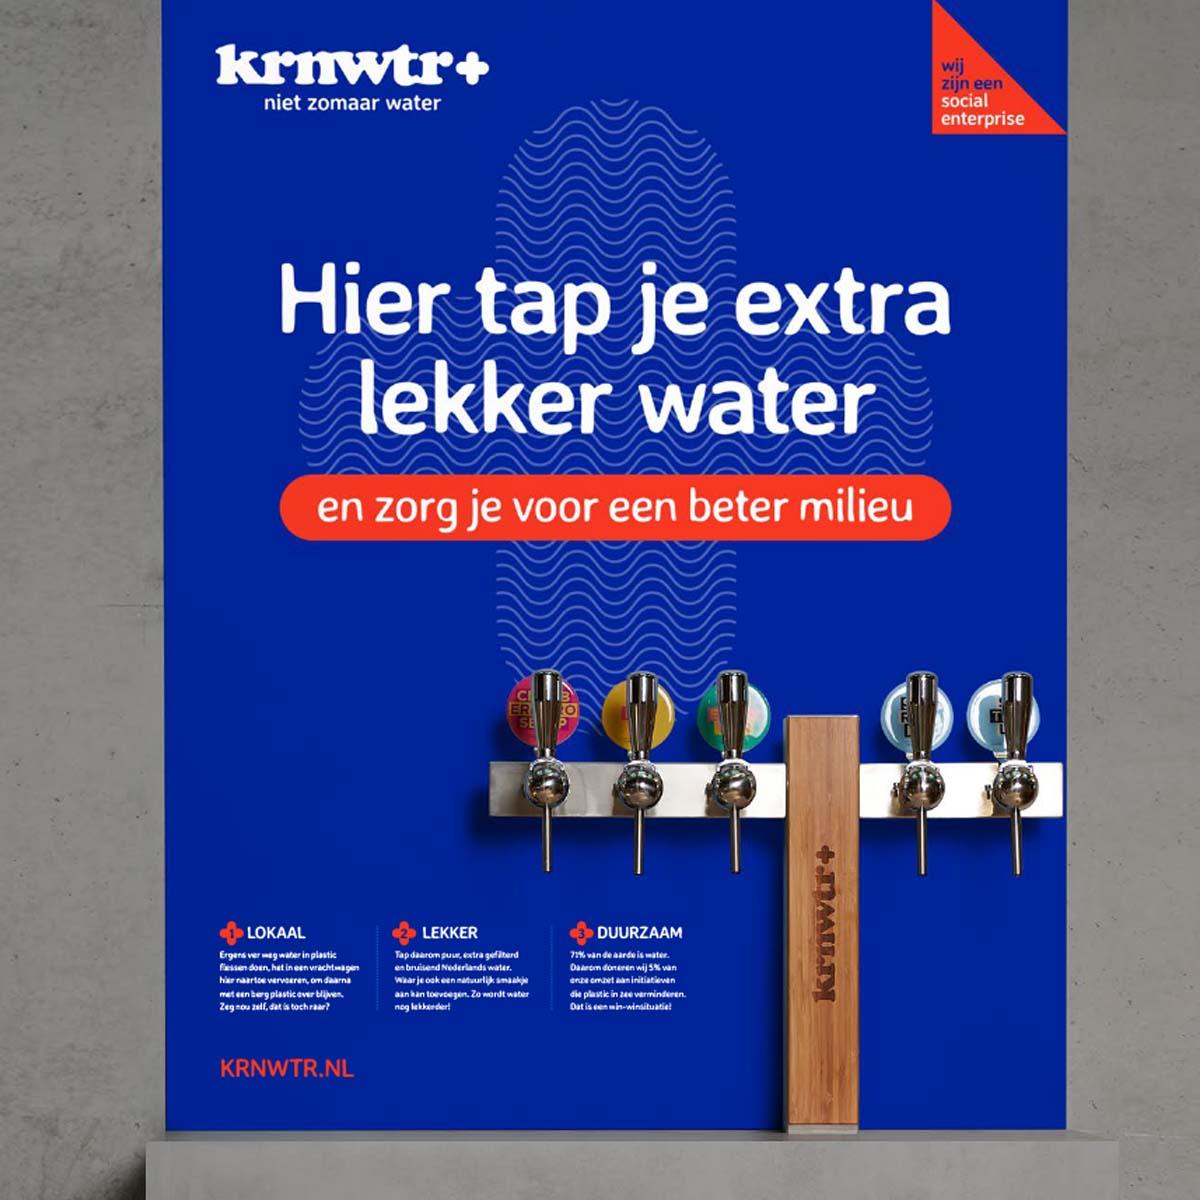 watertappunt krnwtr